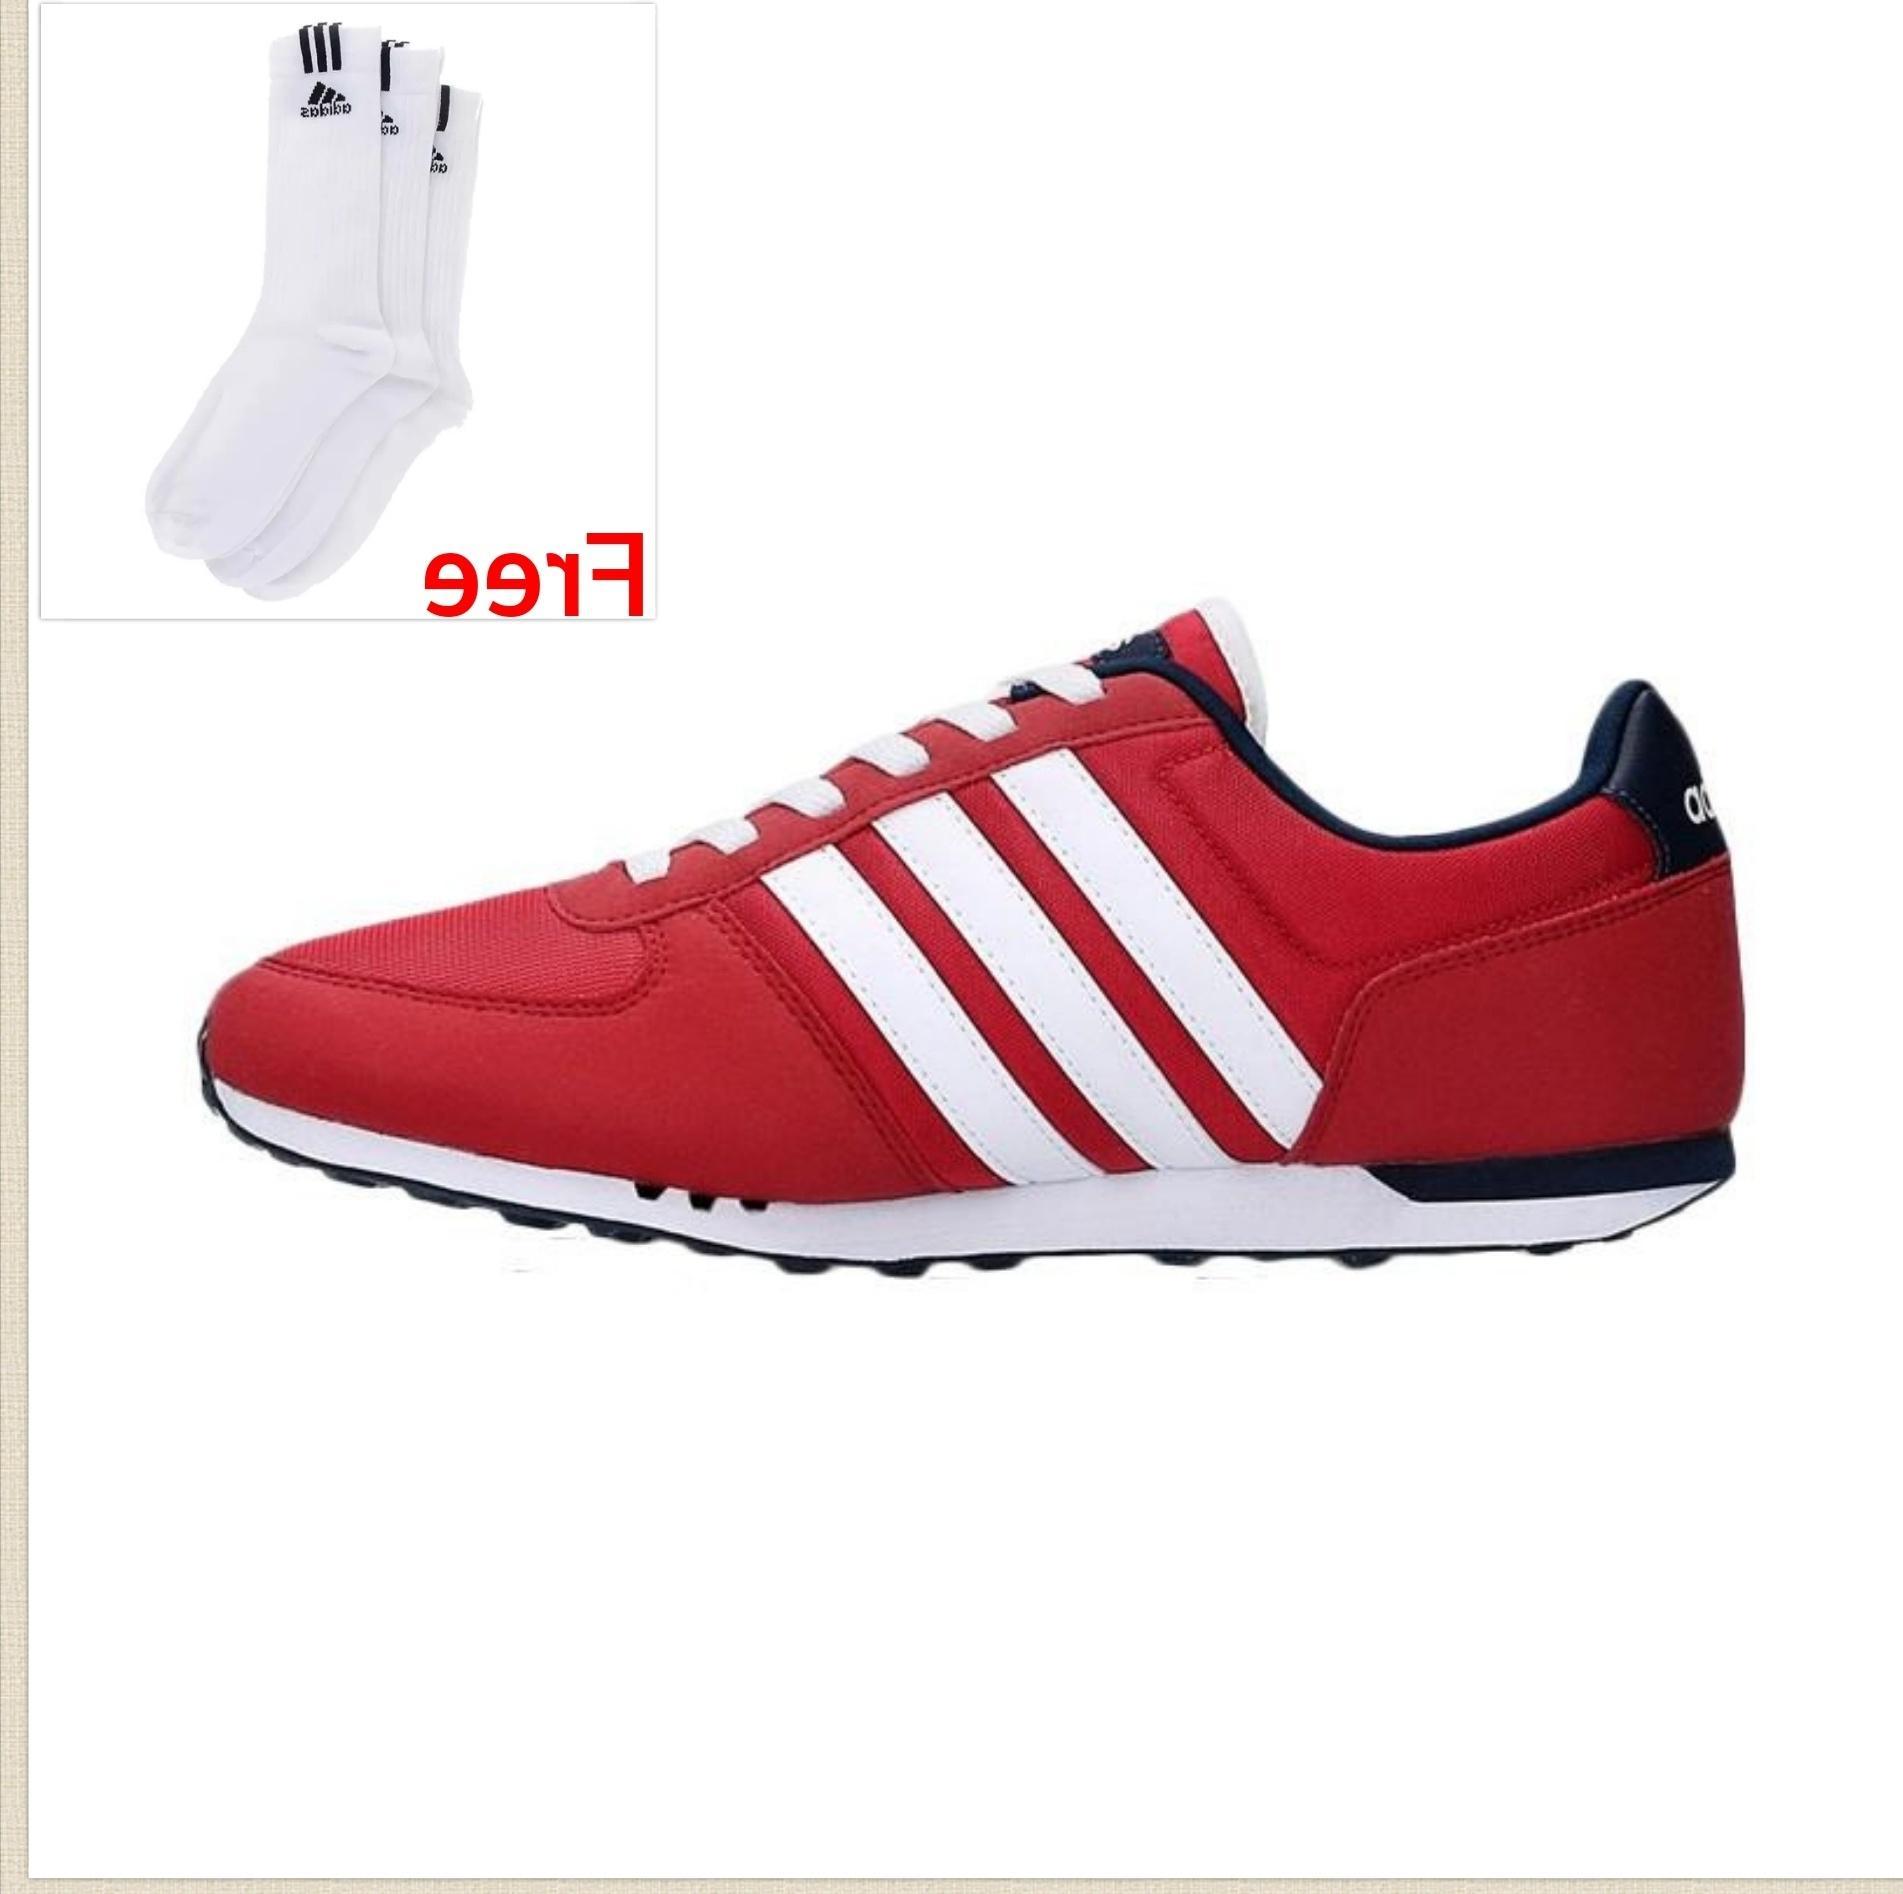 Adidas Neo Cityracer CT - Merah